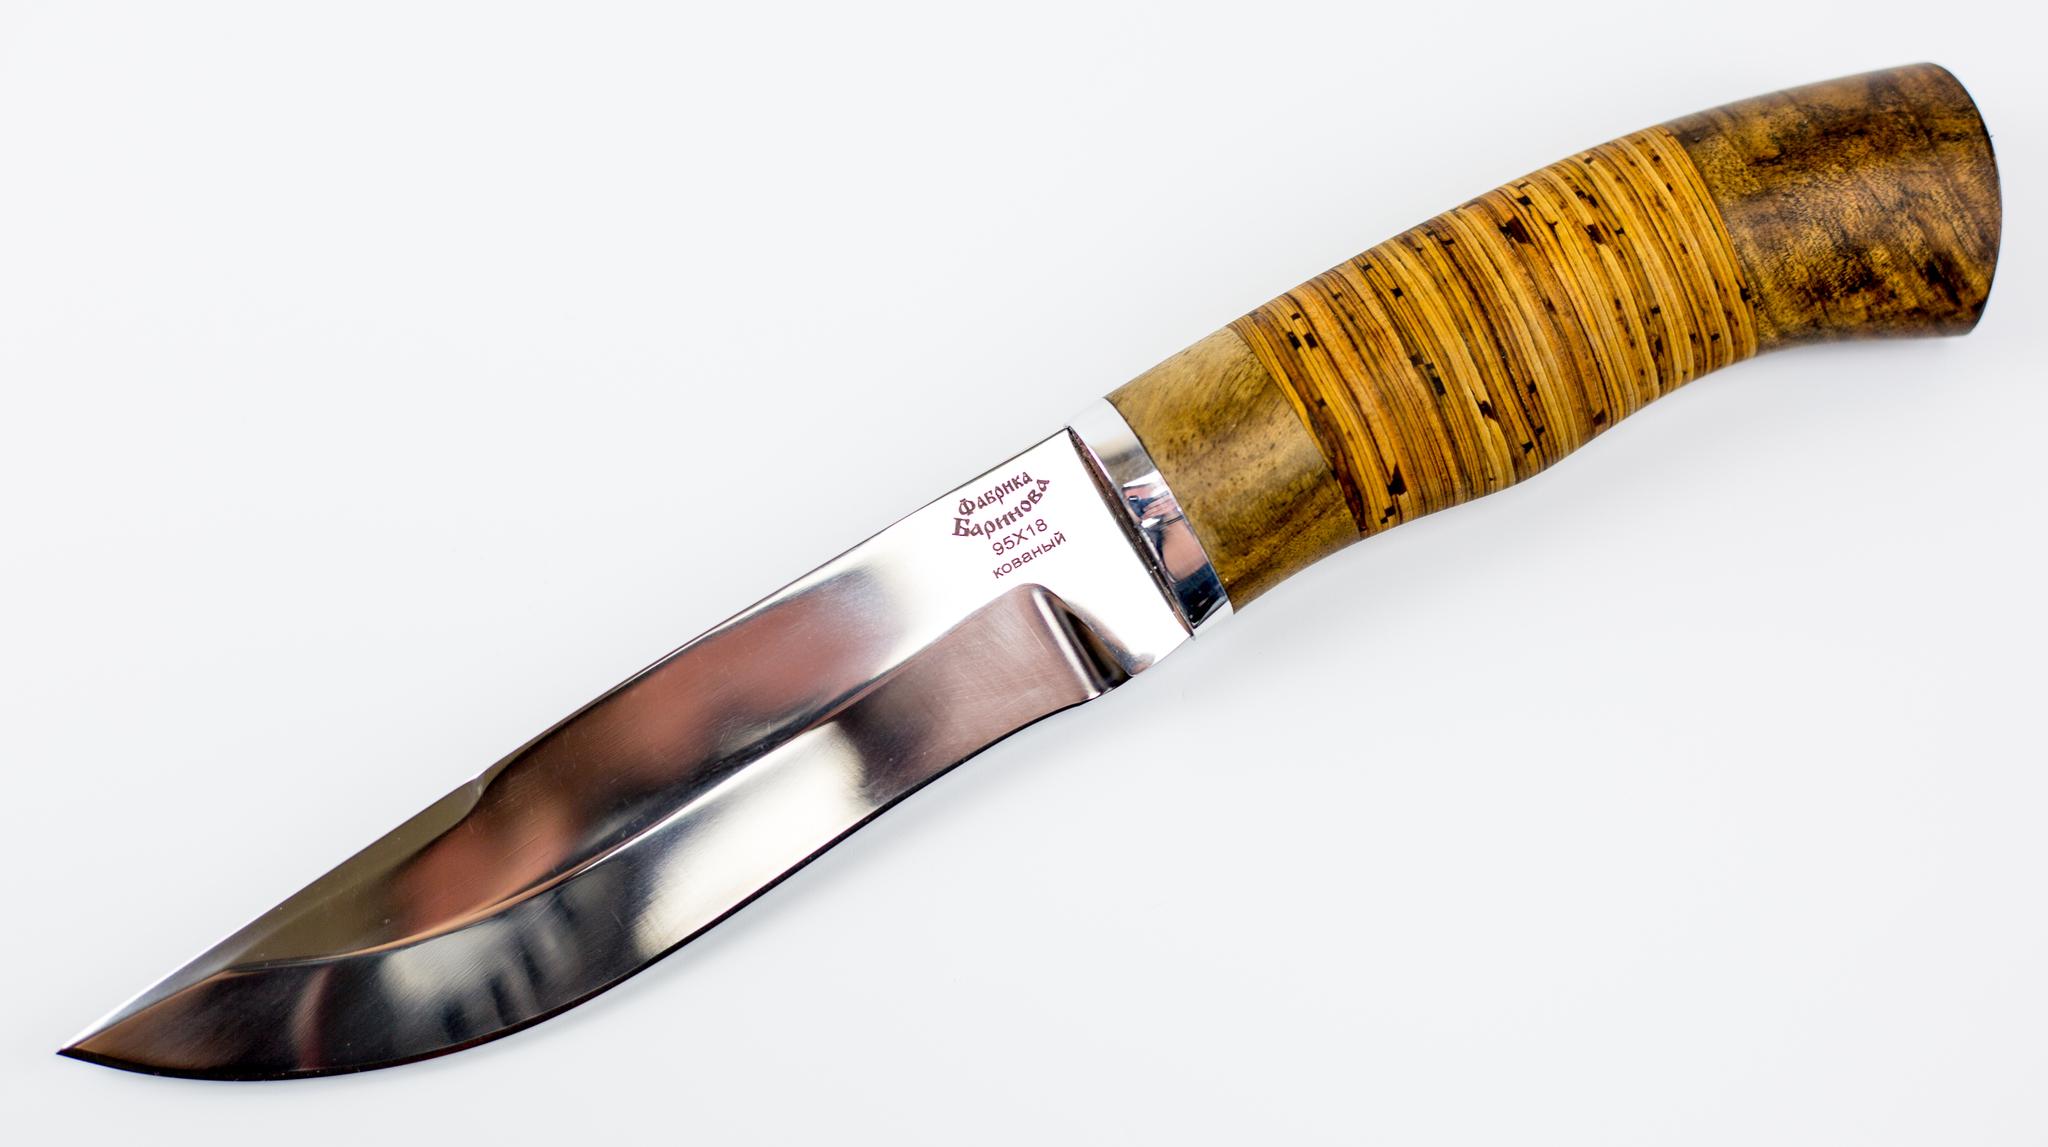 Нож Южный-2 в бересте, 95Х18Ножи Ворсма<br>Металл сталь - 95Х18 кованаяПолная длина 265 — 275 ммДлина клинка 145 — 160 ммДлина рукояти 120 — 125 ммШирина клинка 32 — 37 ммТолщина рукояти 30 — 35 ммТолщина обуха 2.6 — 5 ммТвердость стали, ед. HRC 58 — 60Материал рукояти - берестаМатериал ножен - кожа натуральная<br>